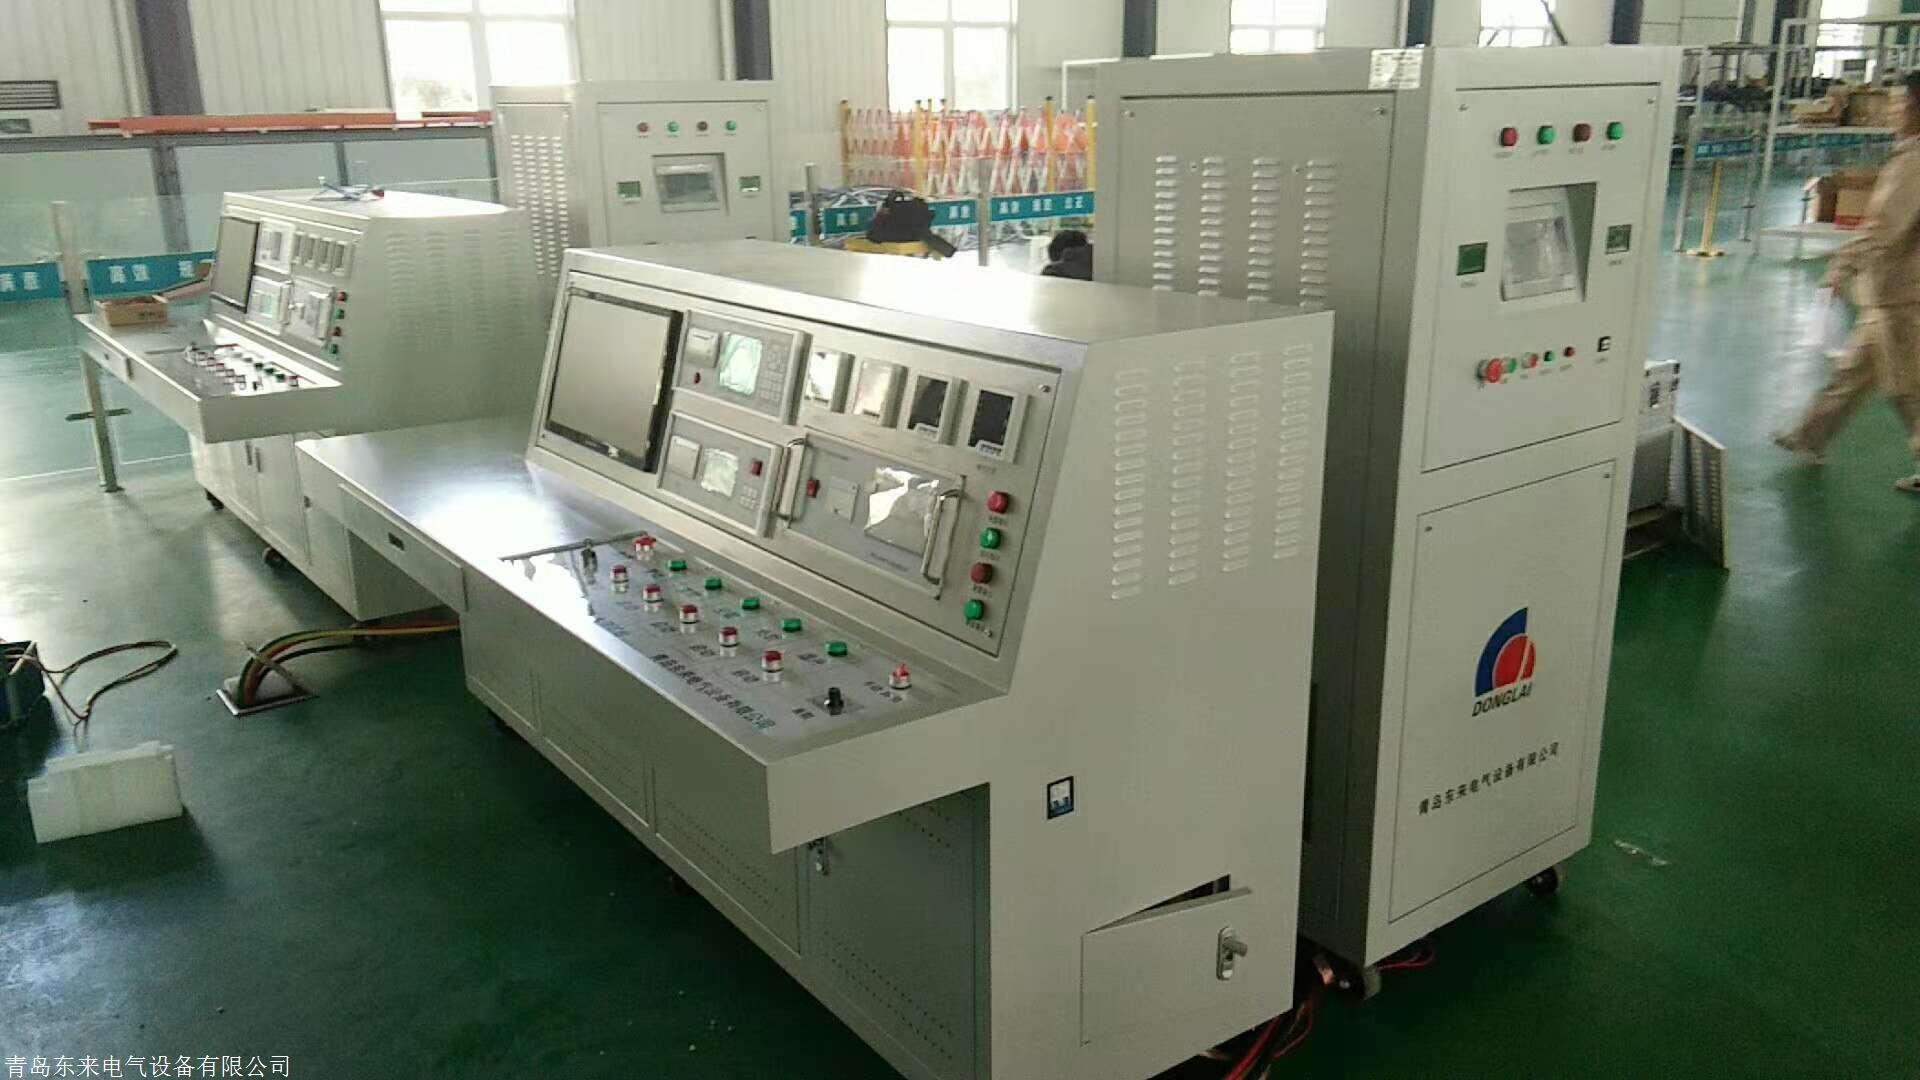 青岛温升实验设备 温升试验设备 高压开关柜温升